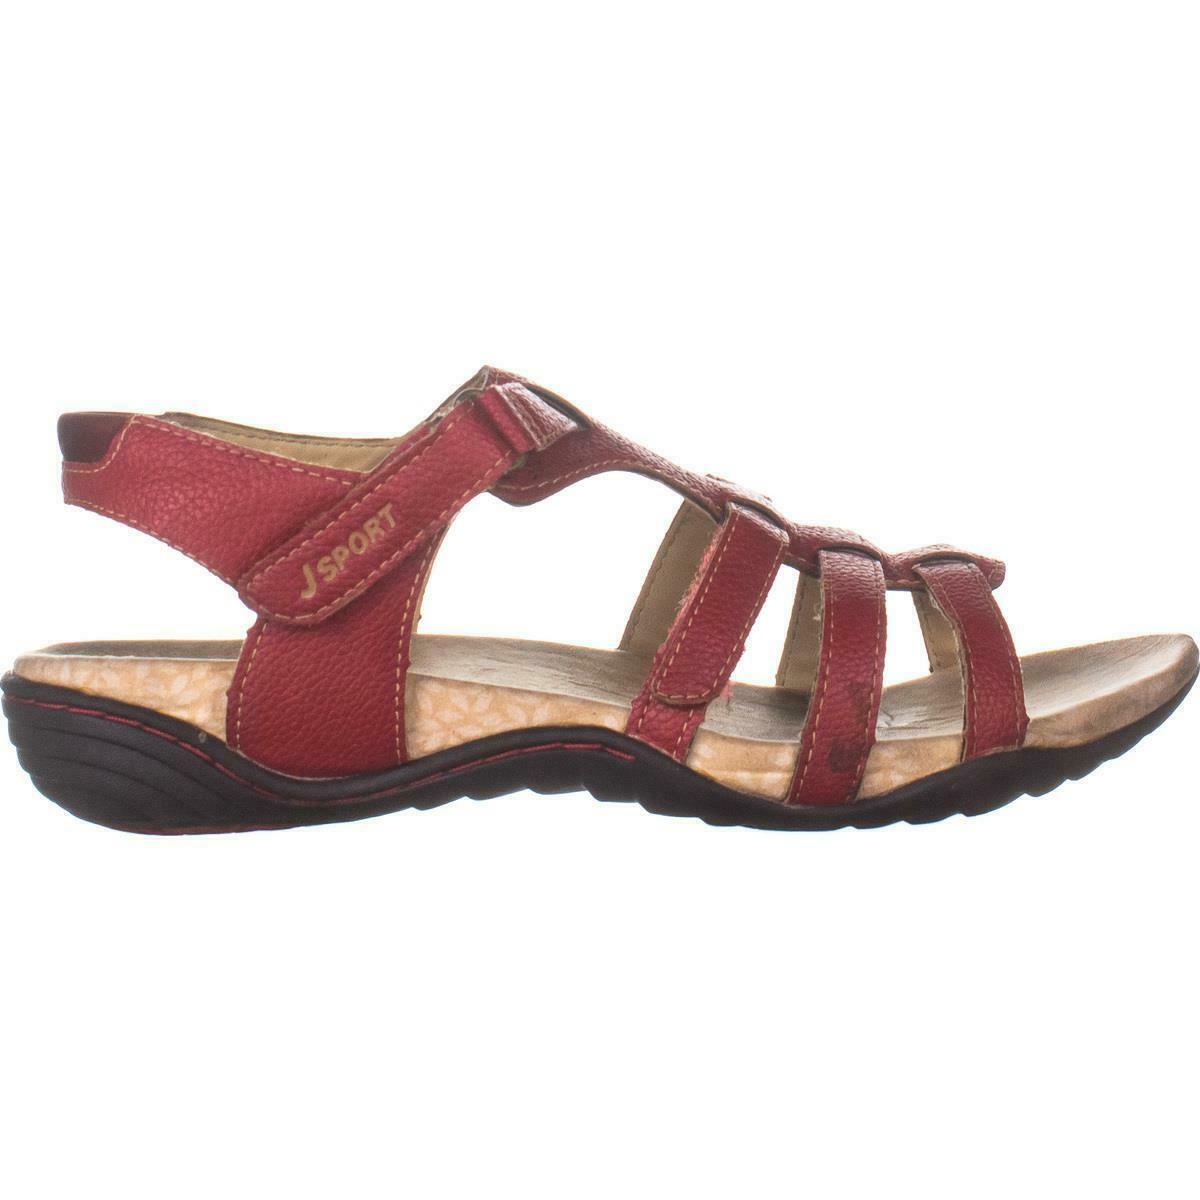 JSport by Jambu Mia Flat Sport Sandals 116, Red, 7.5 US ...